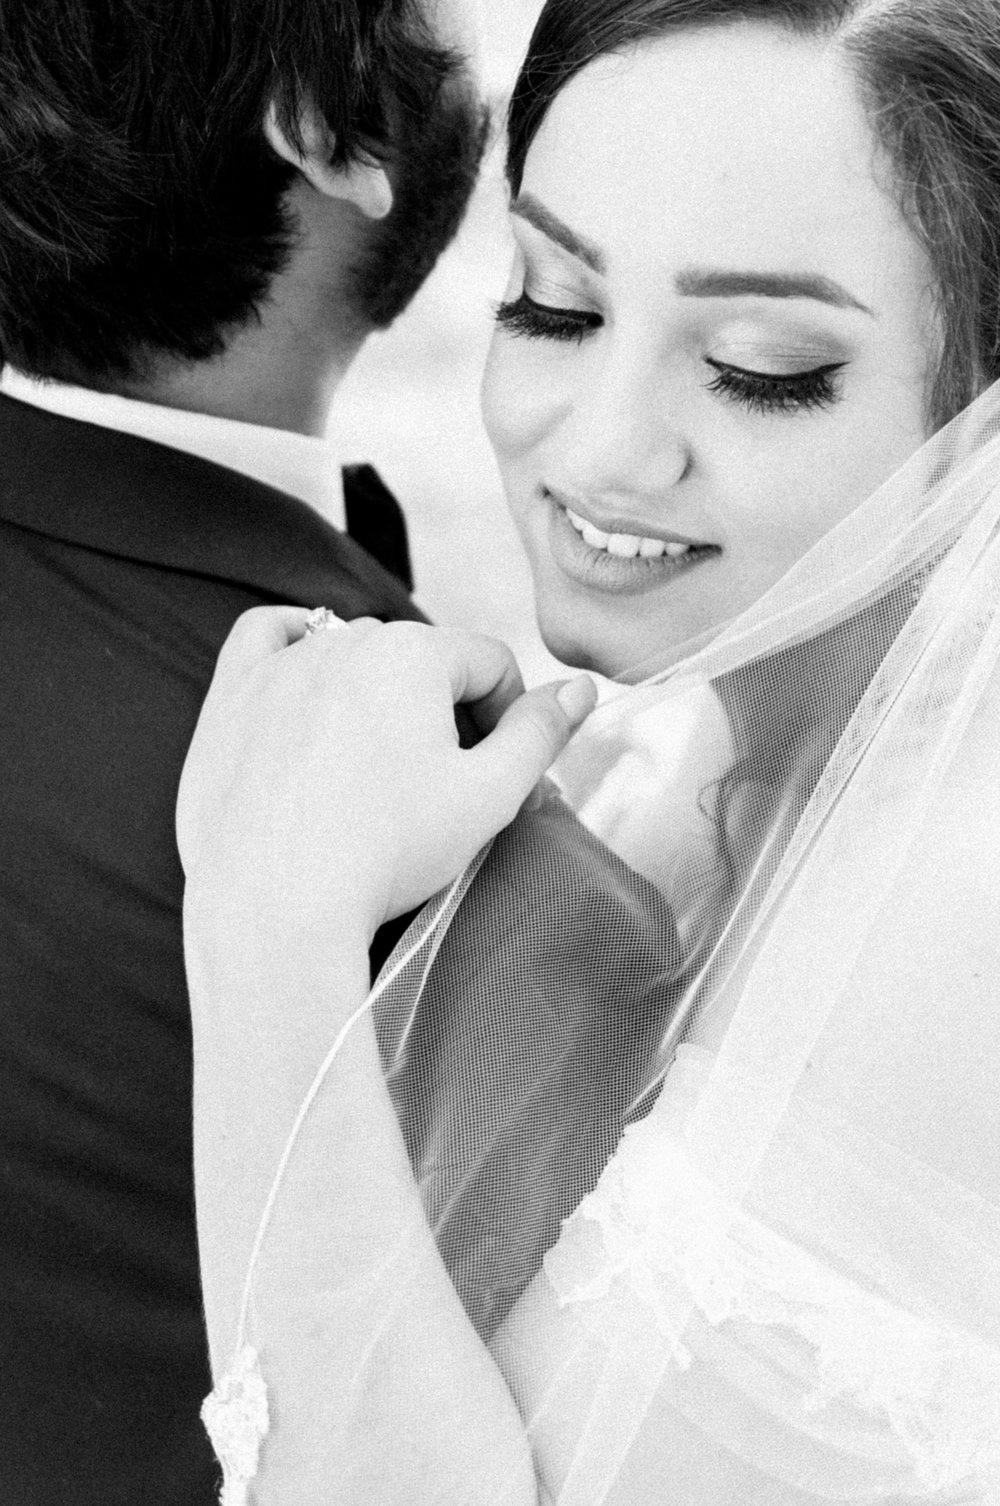 bride-groom-73.jpg